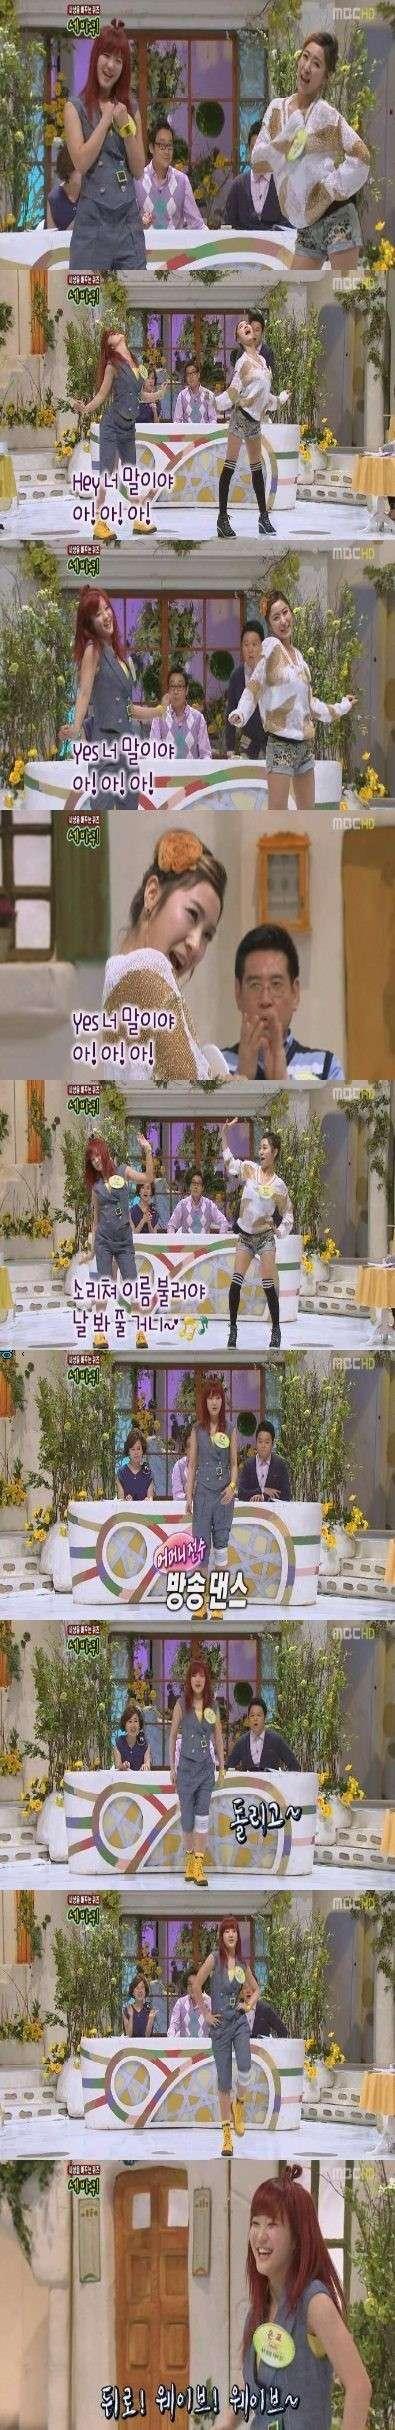 [NEWS] 5dolls - Chanmi e Eunkyo cativaram os telespectadores com as suas lindas coreografias. 02.04.11 St_13010